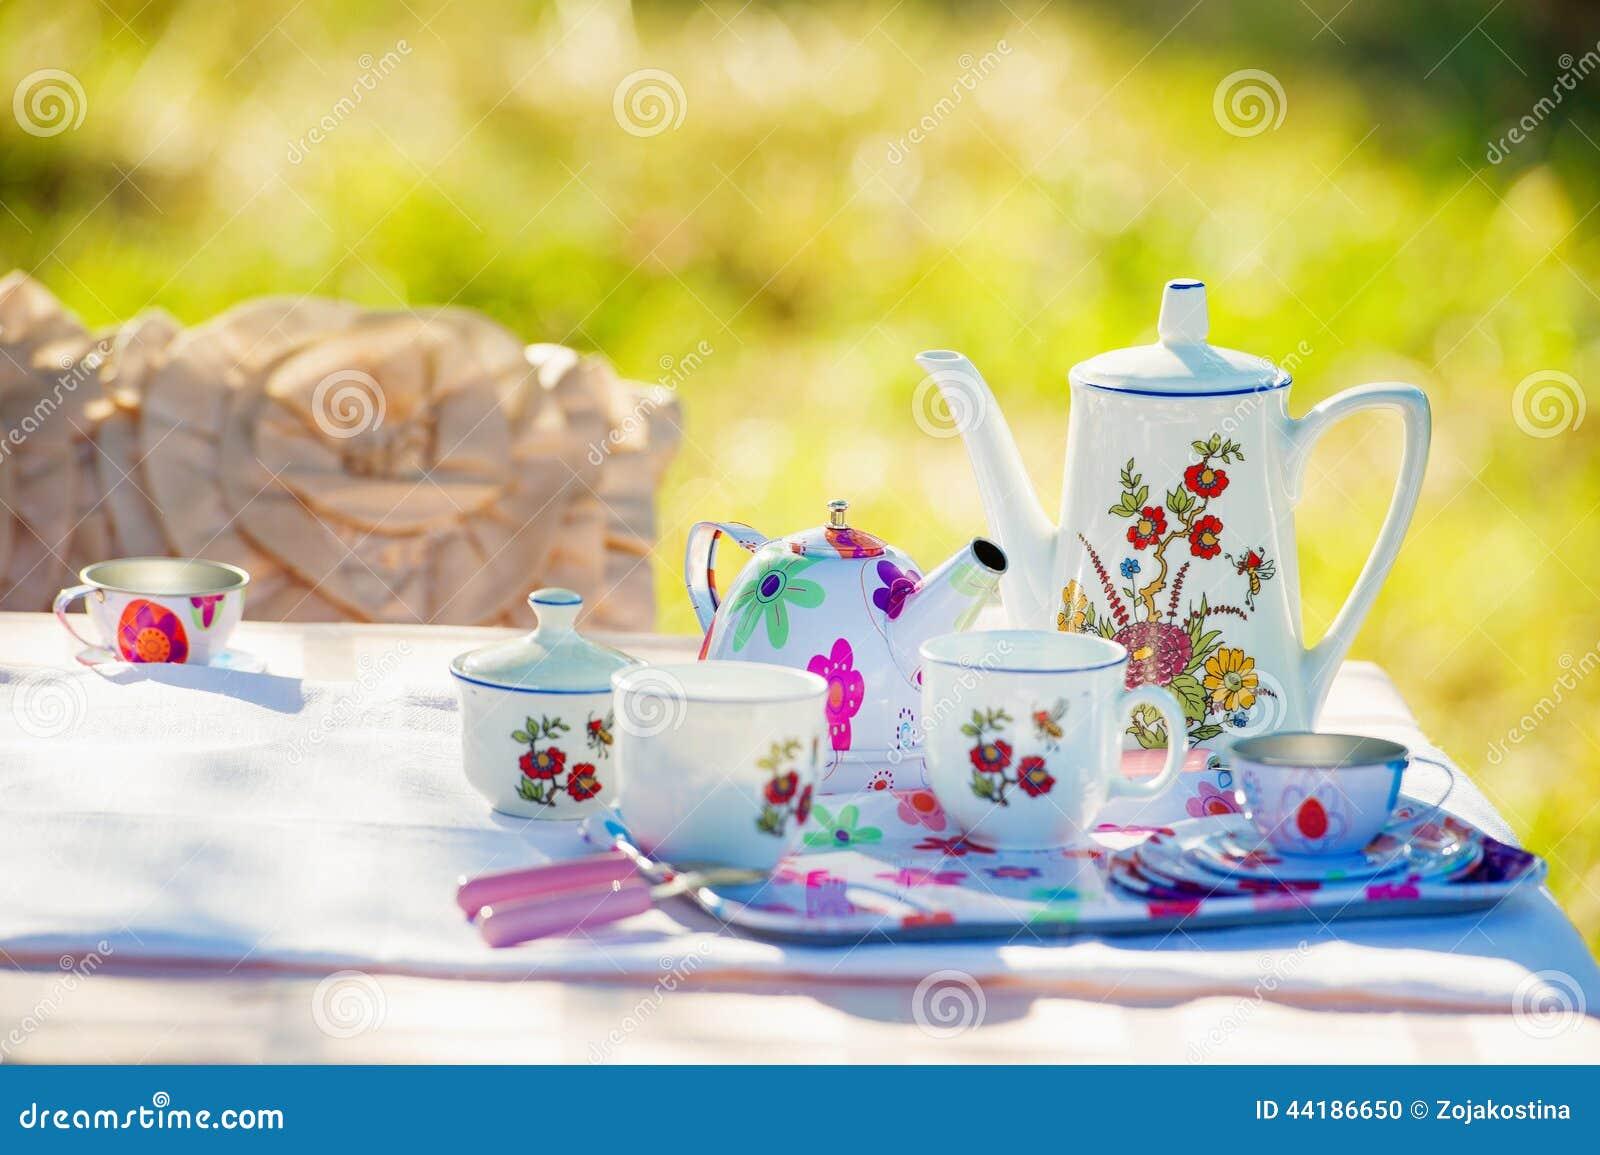 Loza del té en el jardín